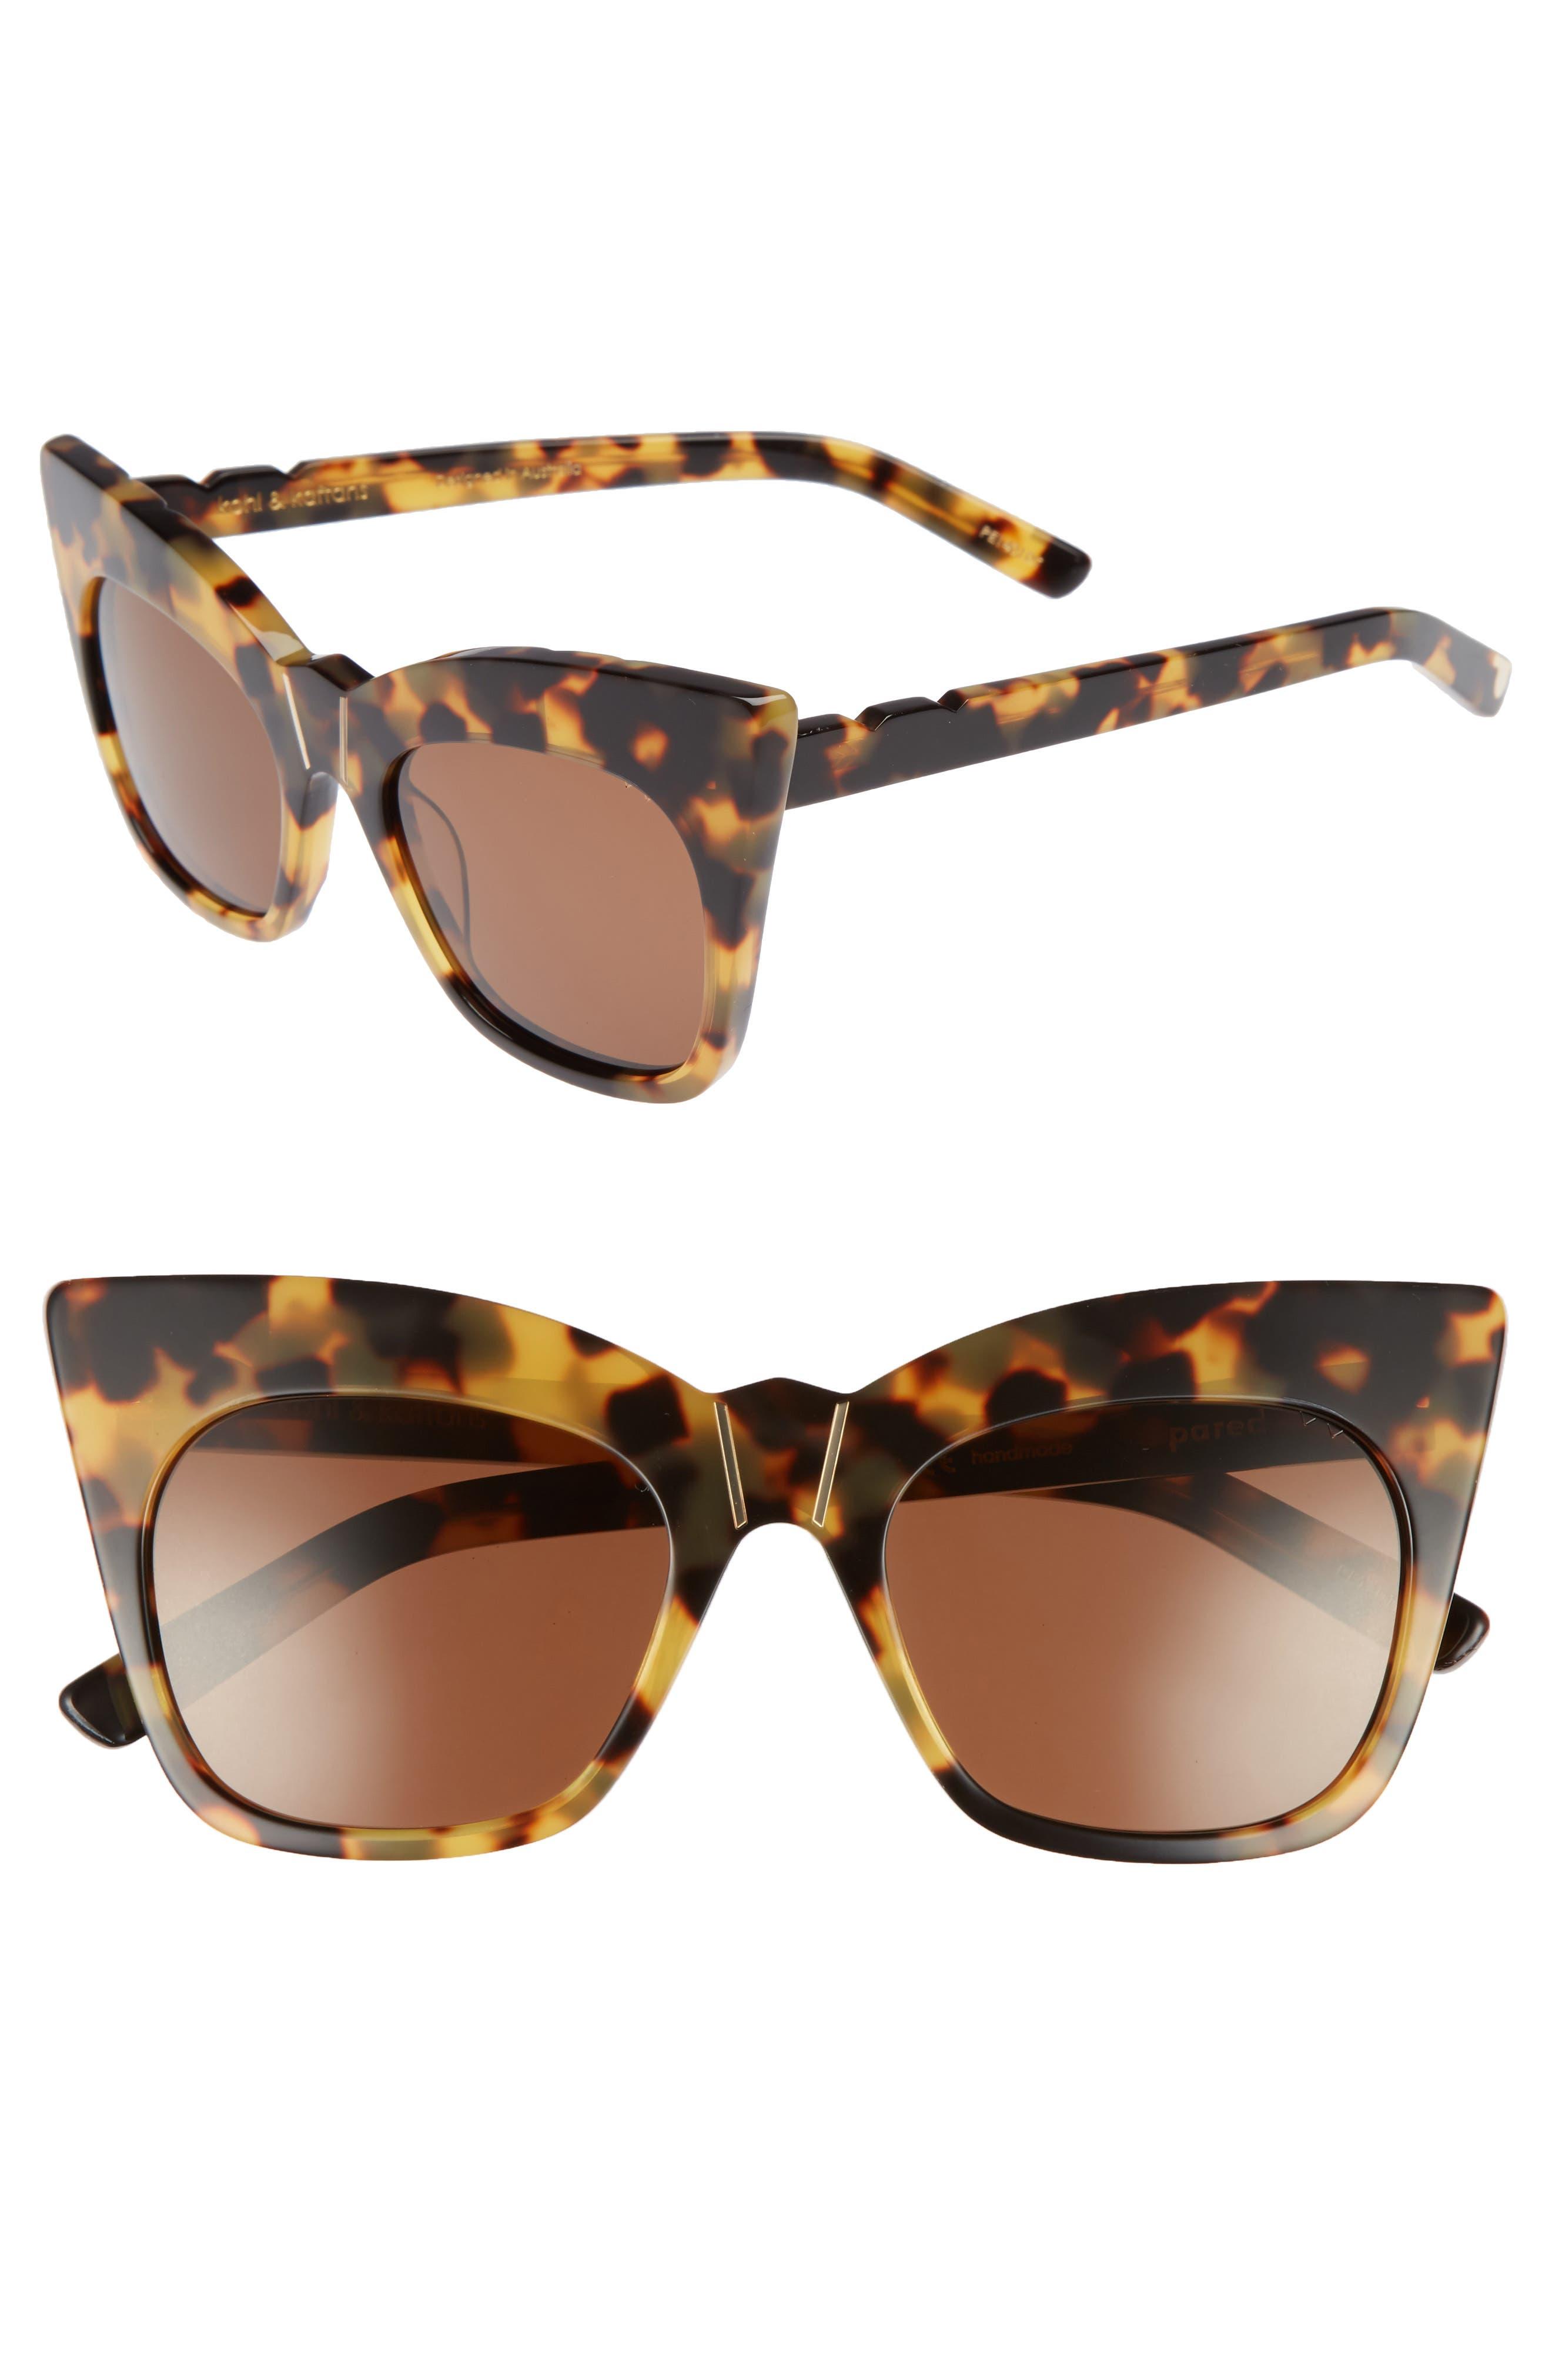 Pared Kohl & Kaftans 52mm Cat Eye Sunglasses